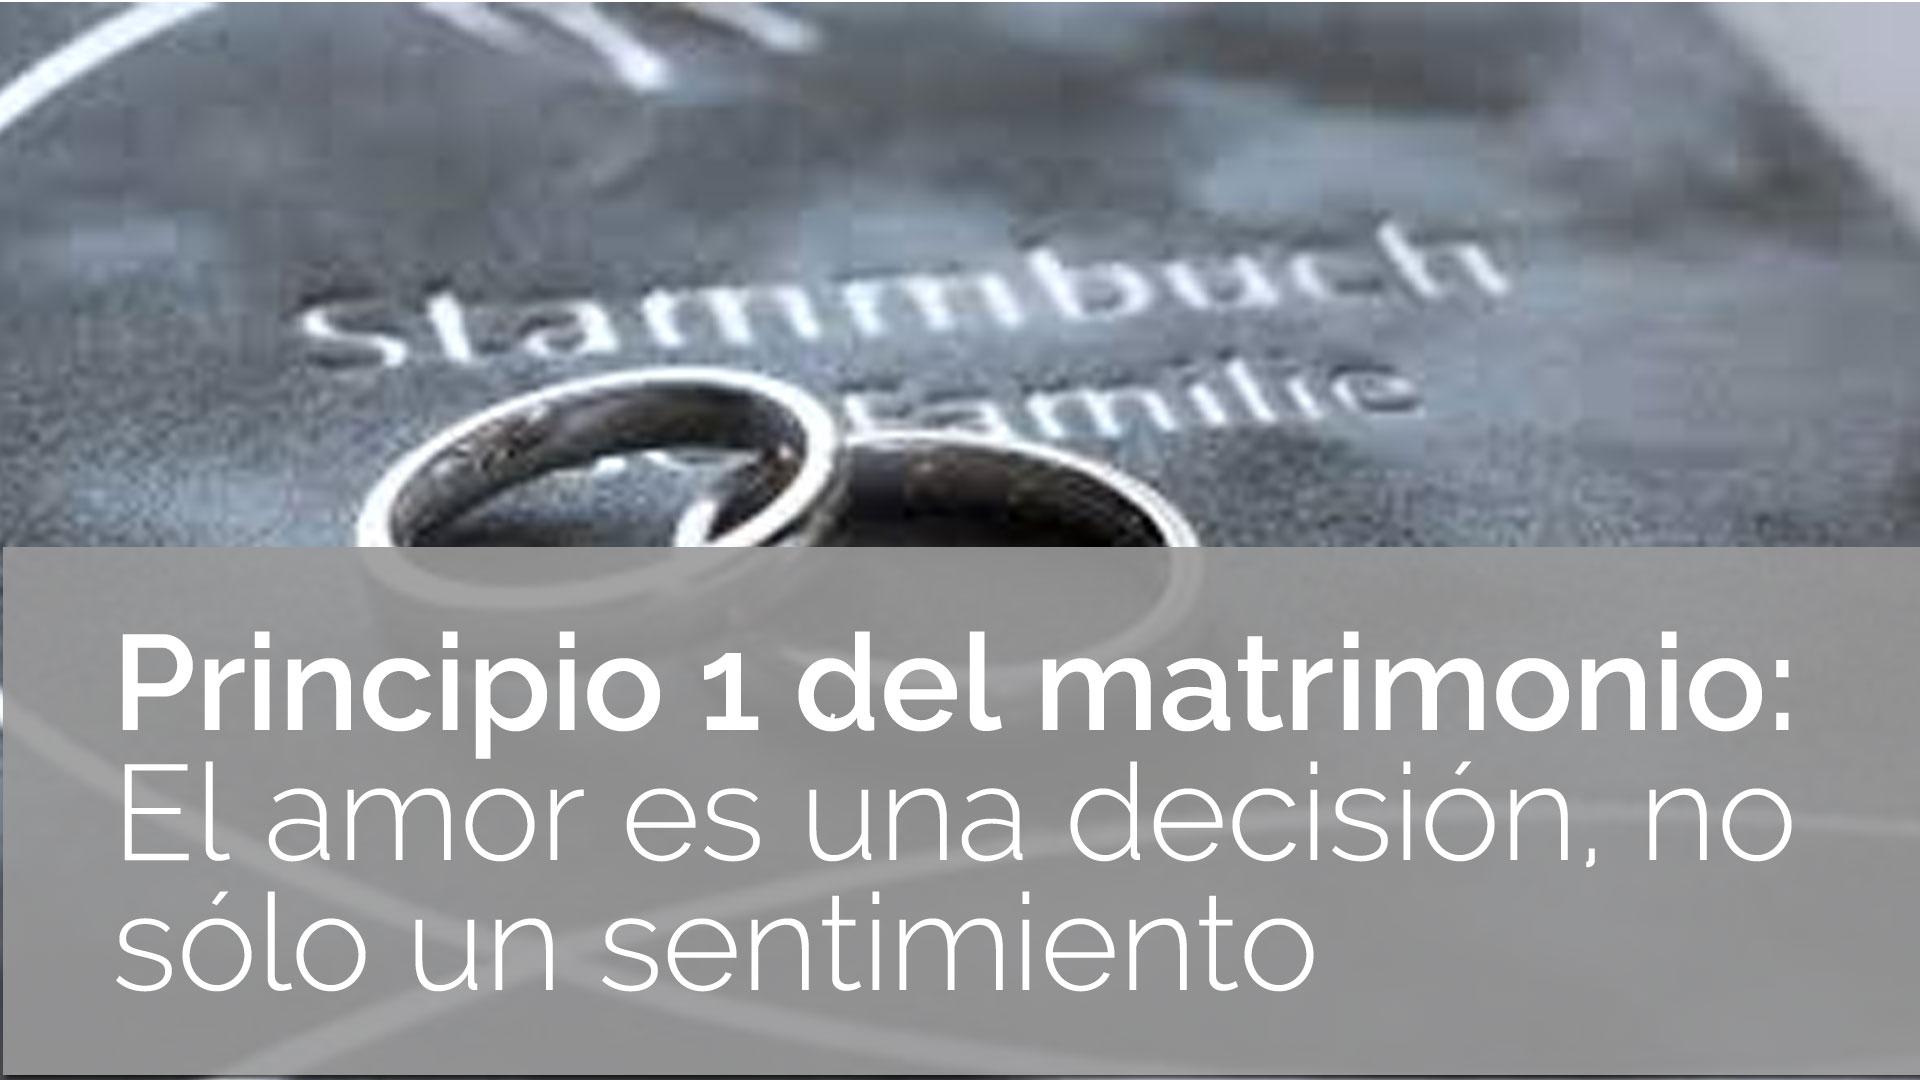 Restaurar Matrimonio Segun Biblia : Principio del matrimonio el amor es una decisión no